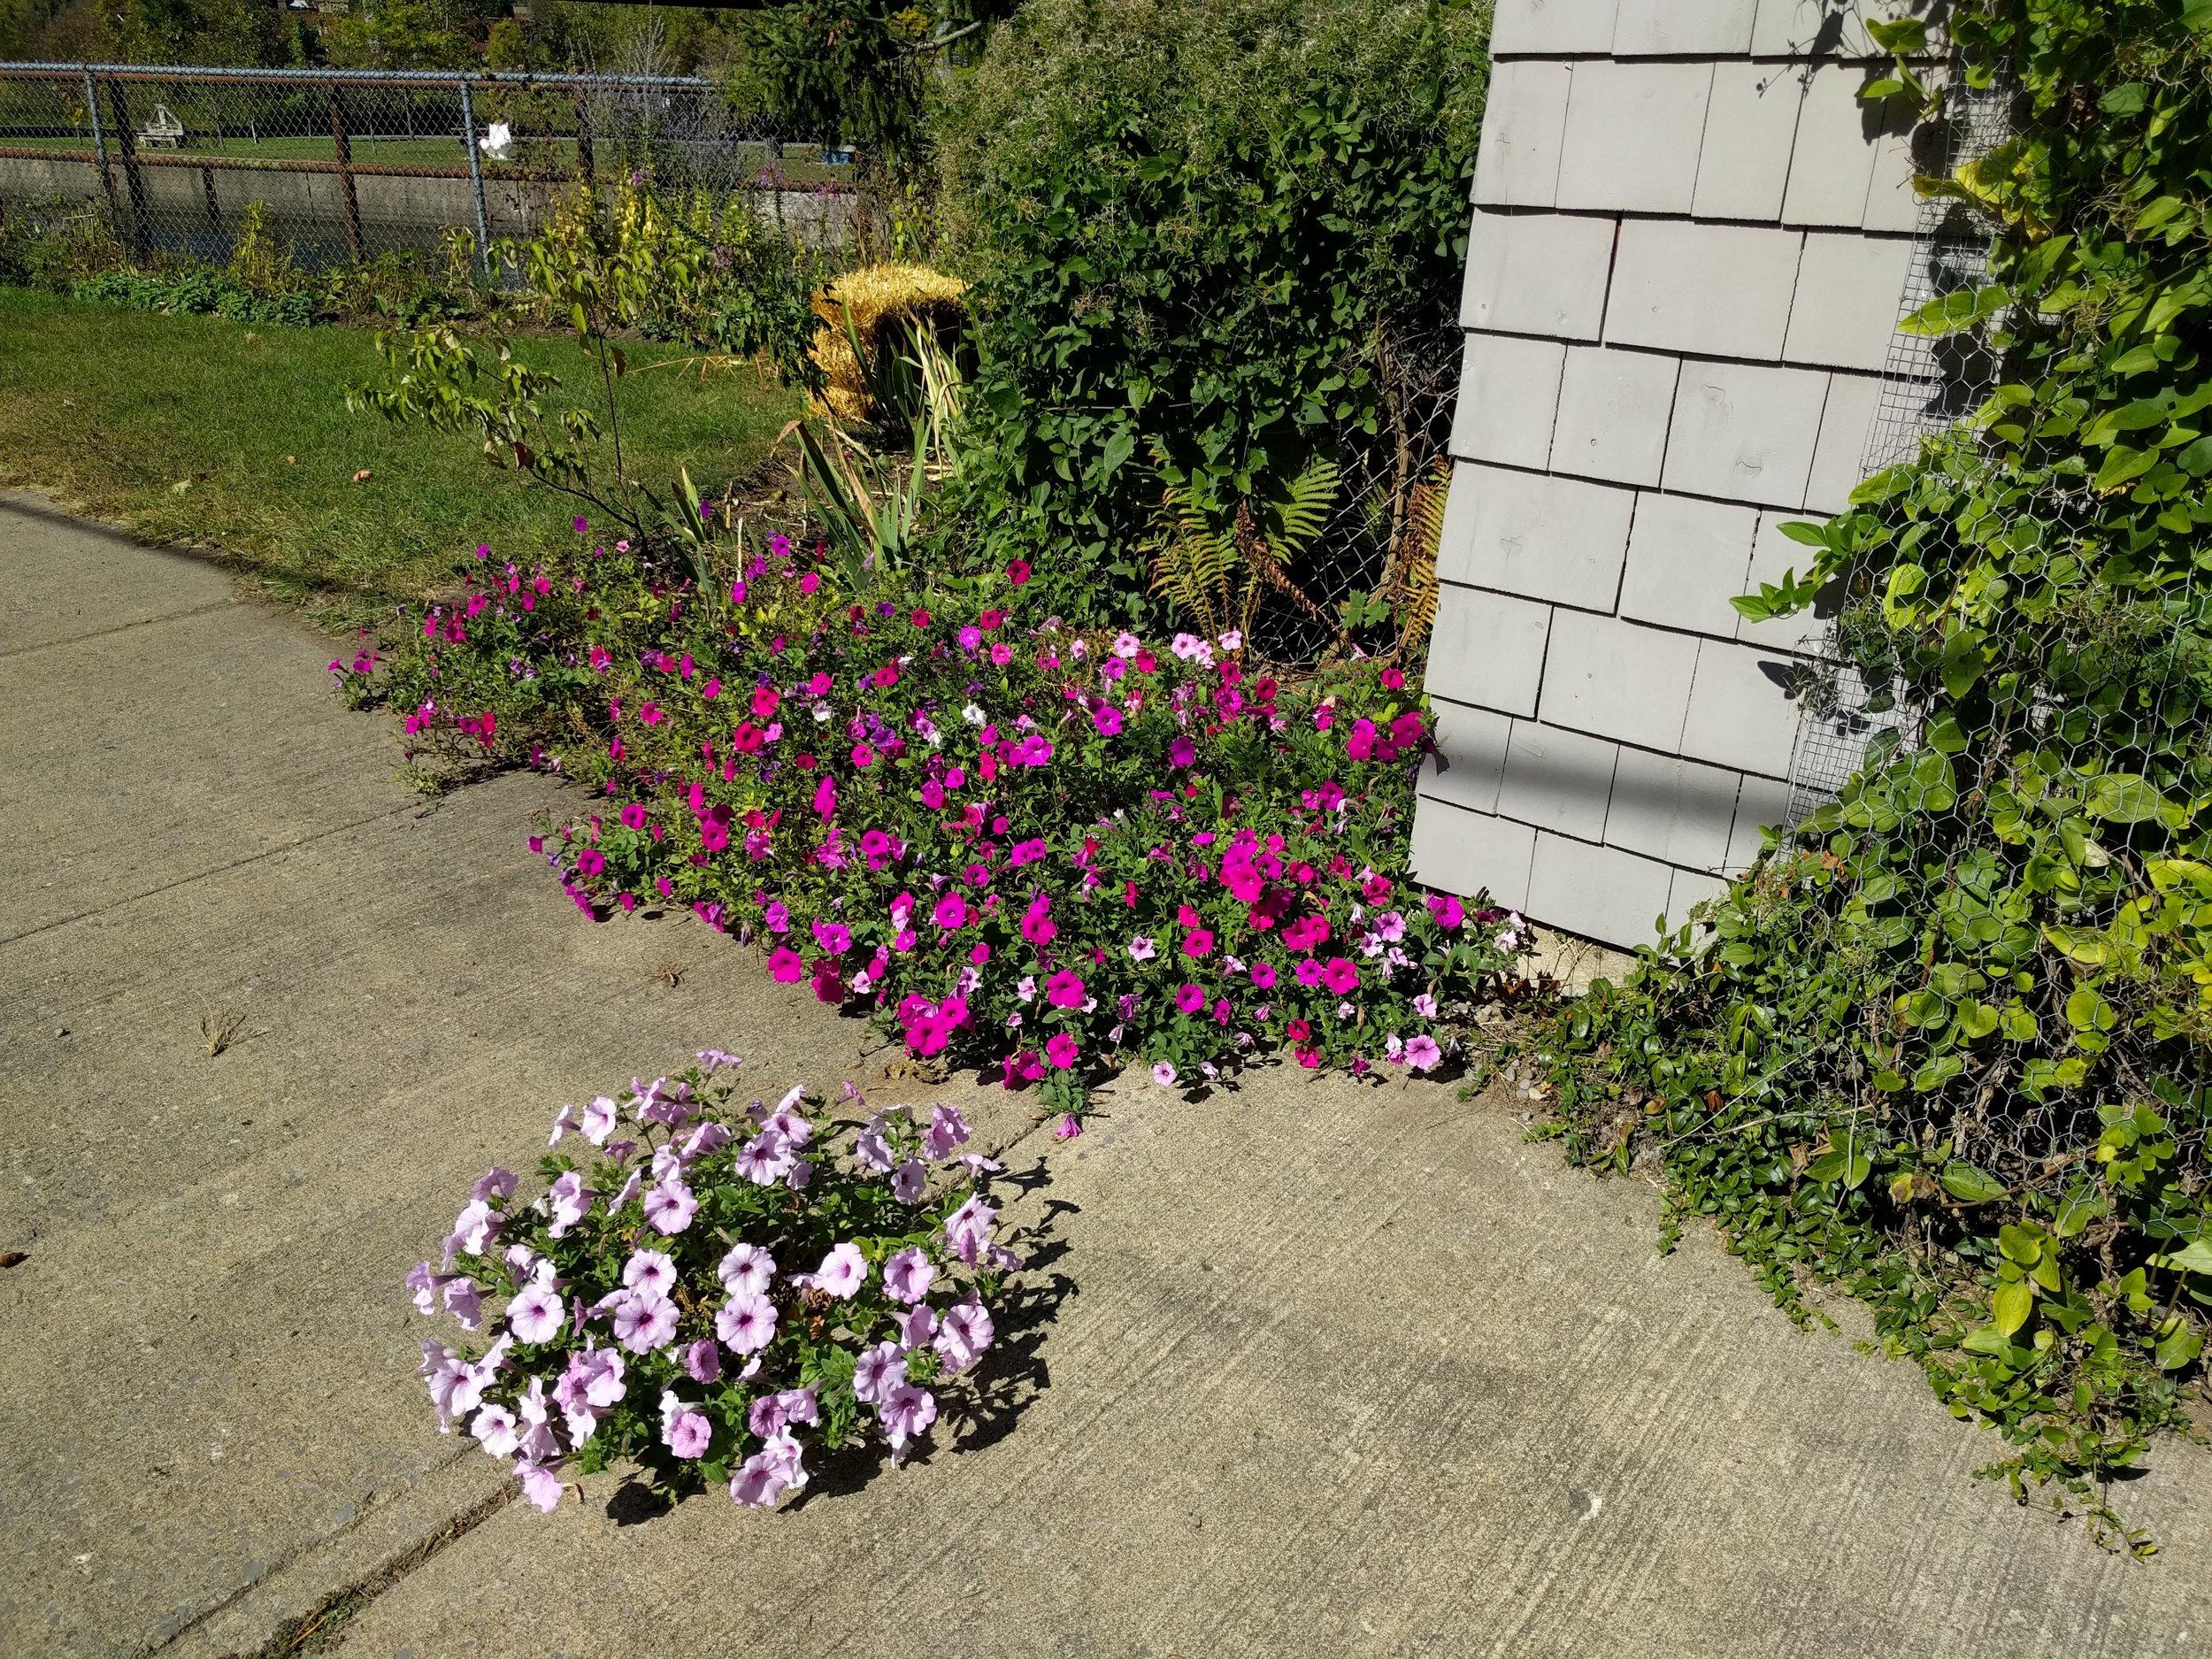 Flowers on the Sidewalks